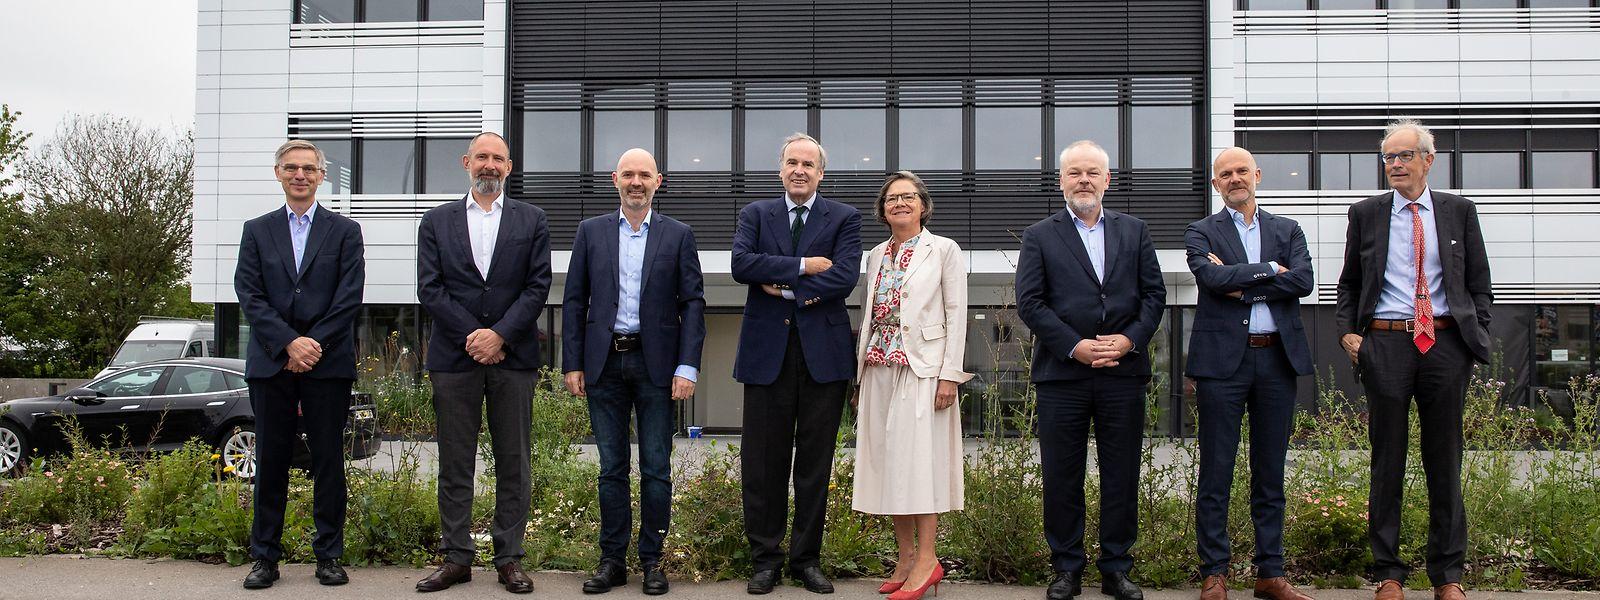 Der Verwaltungsrat von Mediahuis Luxembourg tagte erstmals am neuen Firmensitz in Howald.